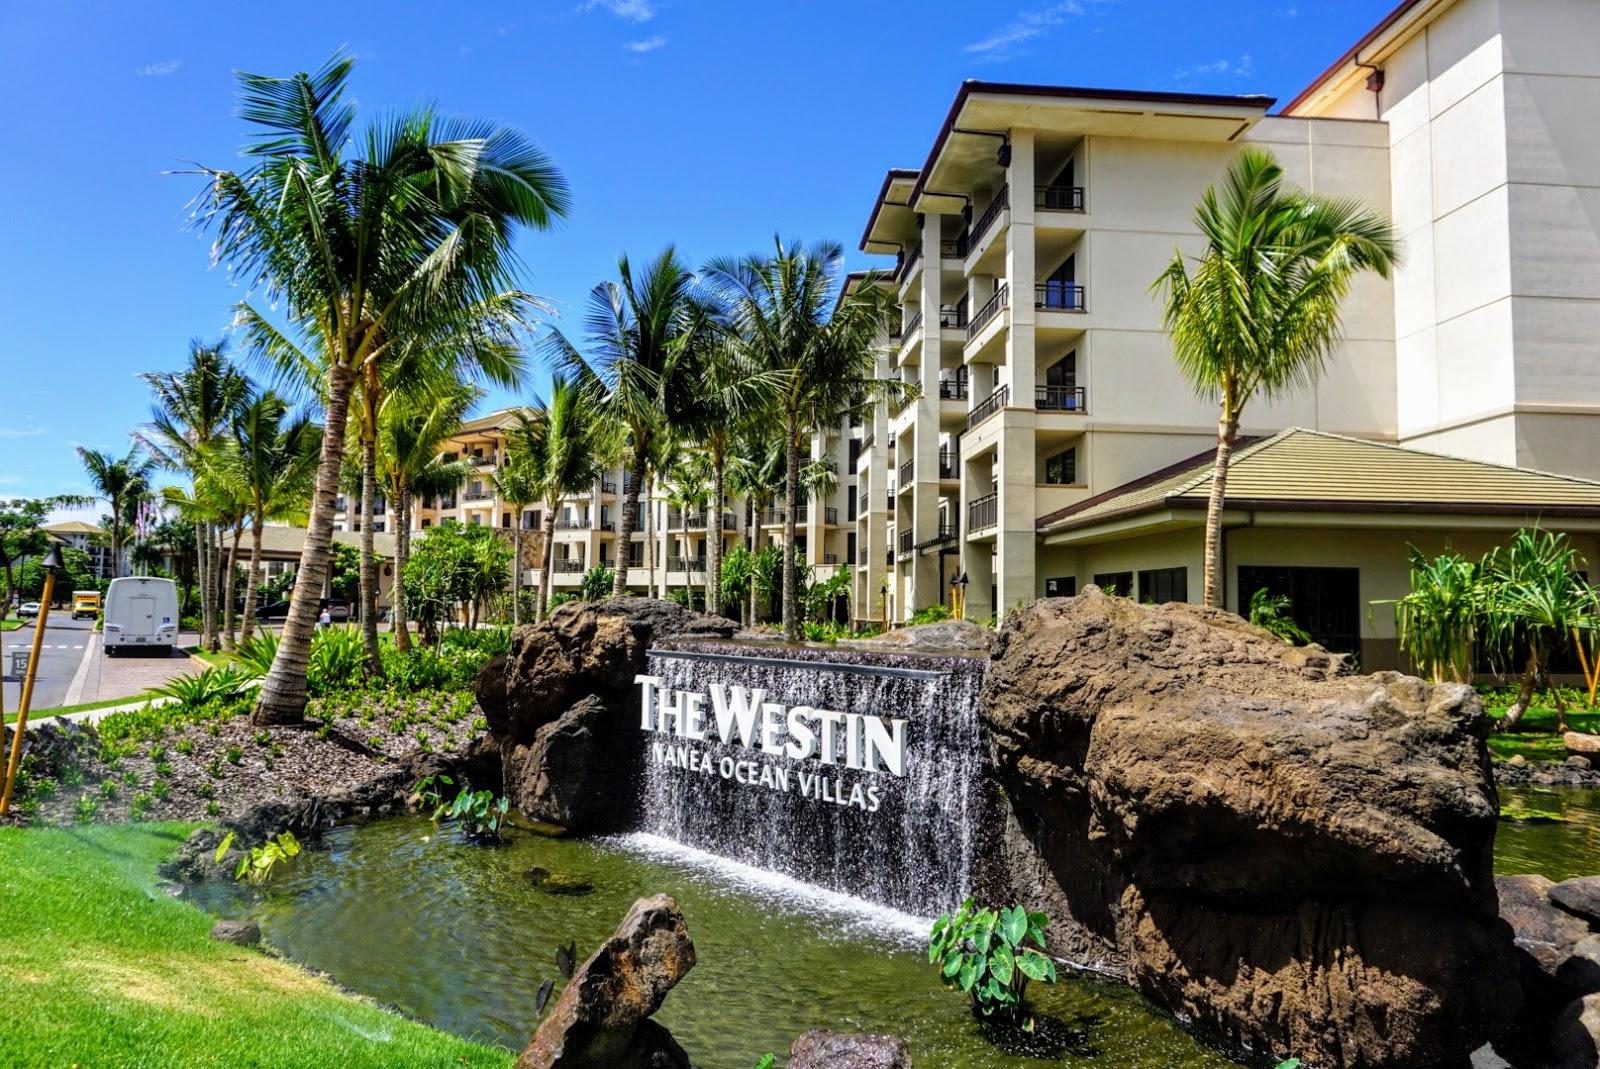 Review The Westin Nanea Ocean Villas